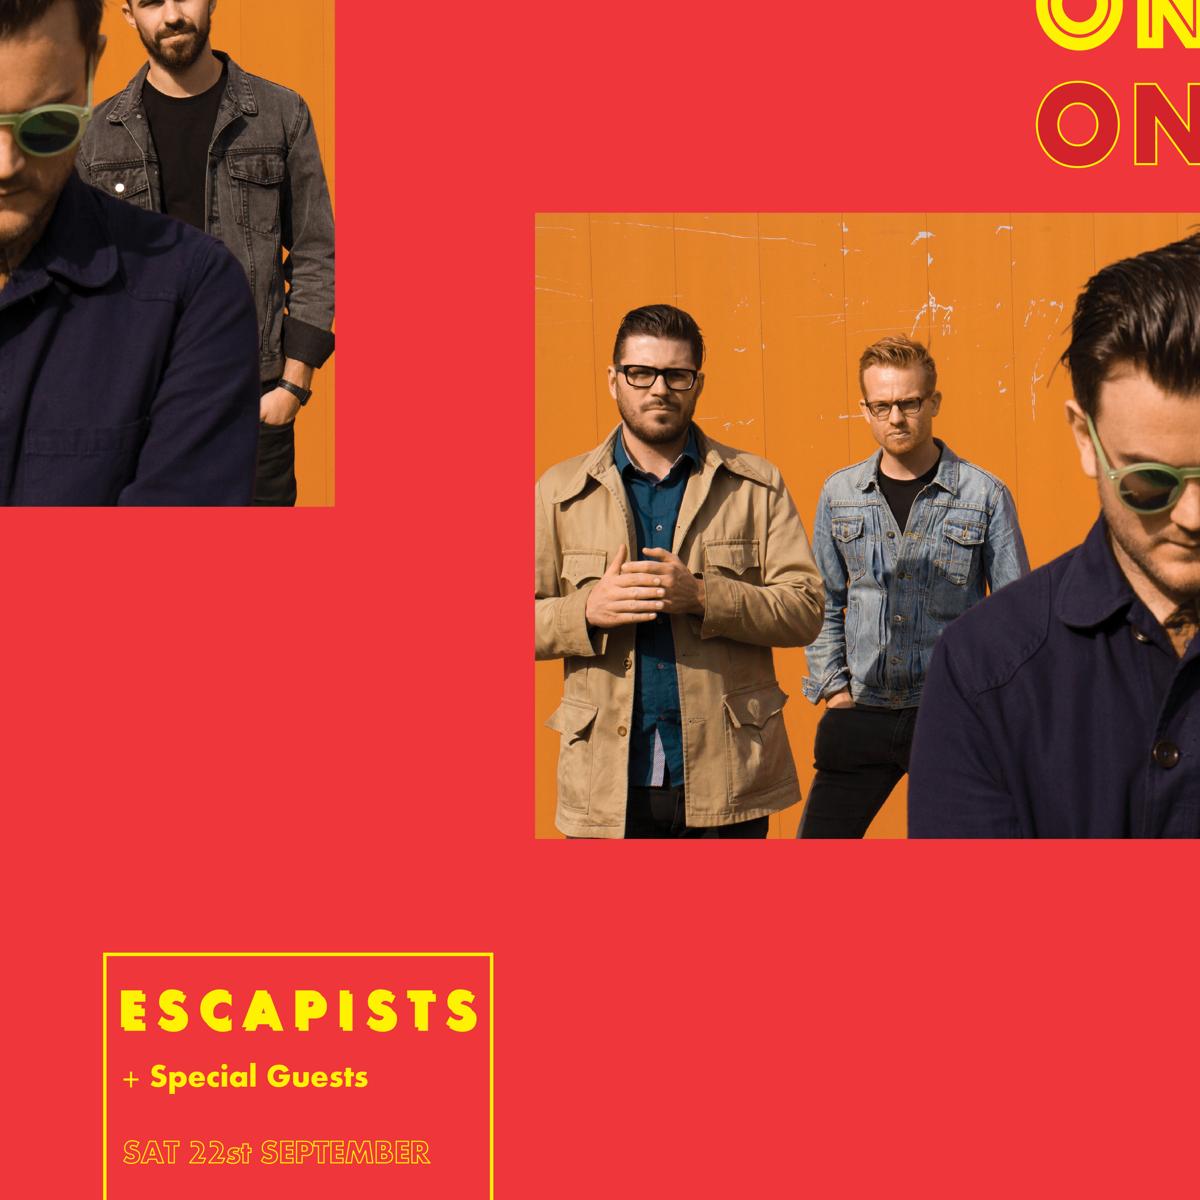 Escapists 2018-9-10 21:48 Photo